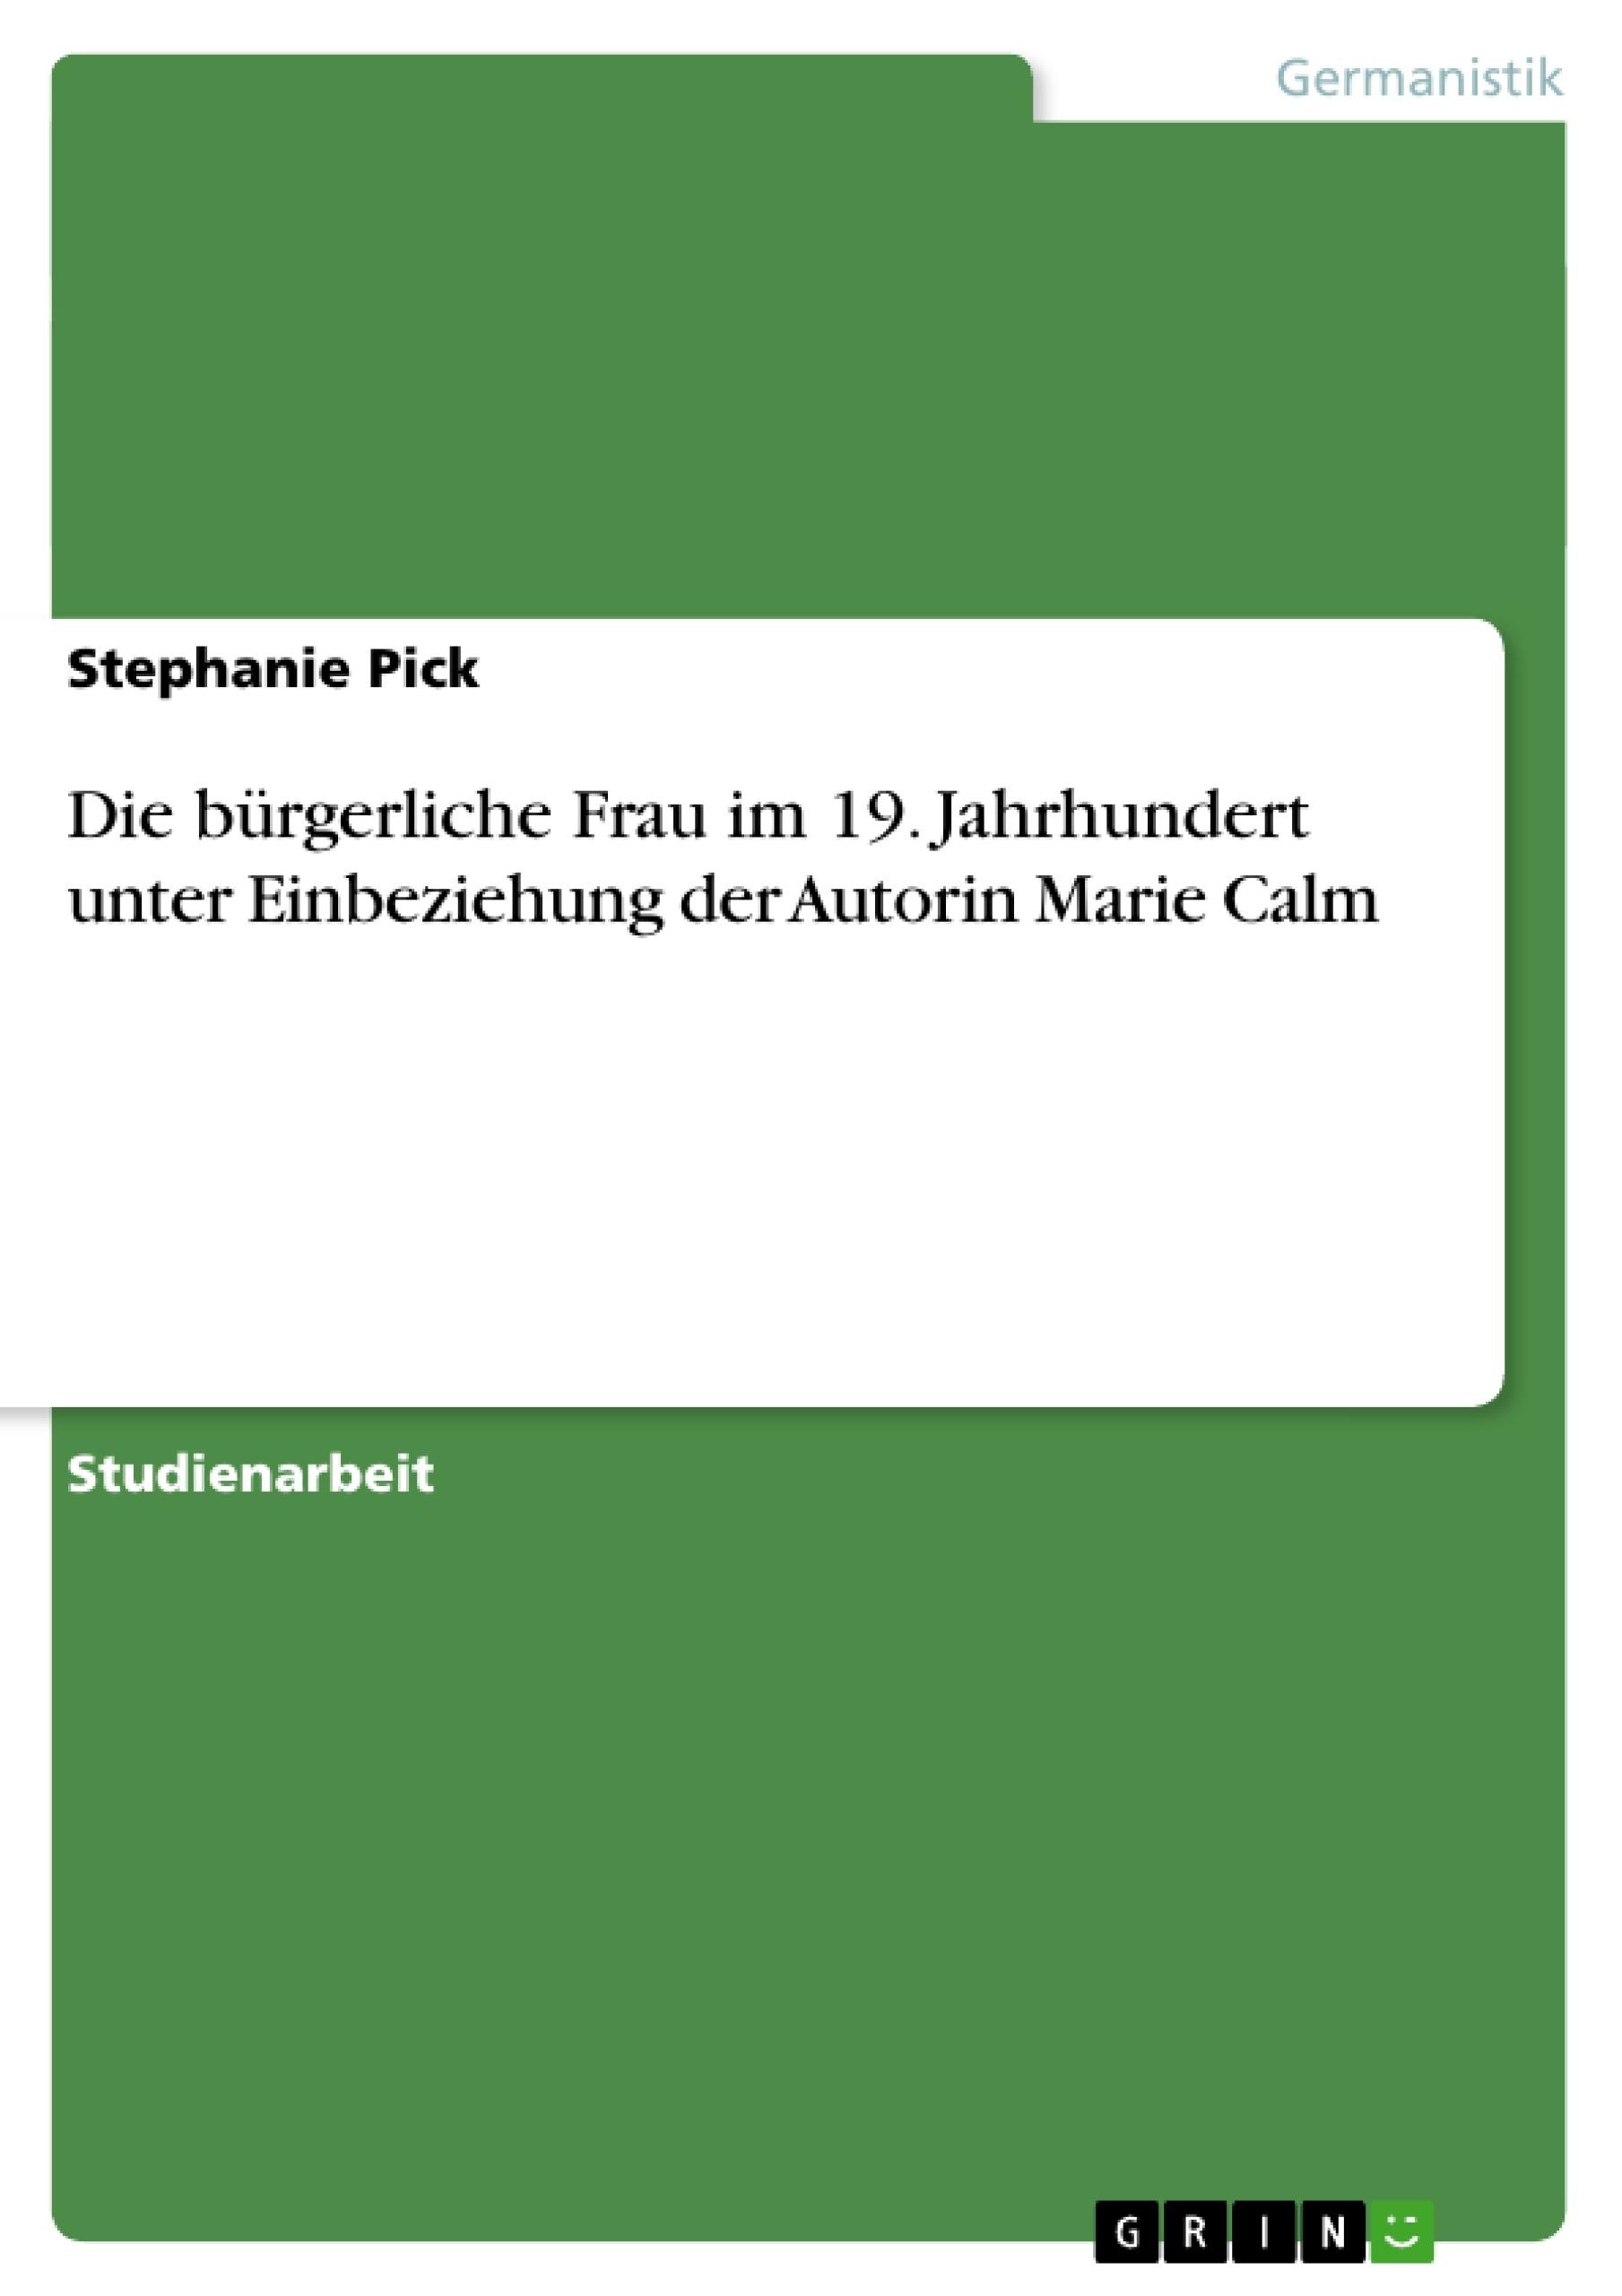 Titel: Die bürgerliche Frau im 19. Jahrhundert unter Einbeziehung der Autorin Marie Calm